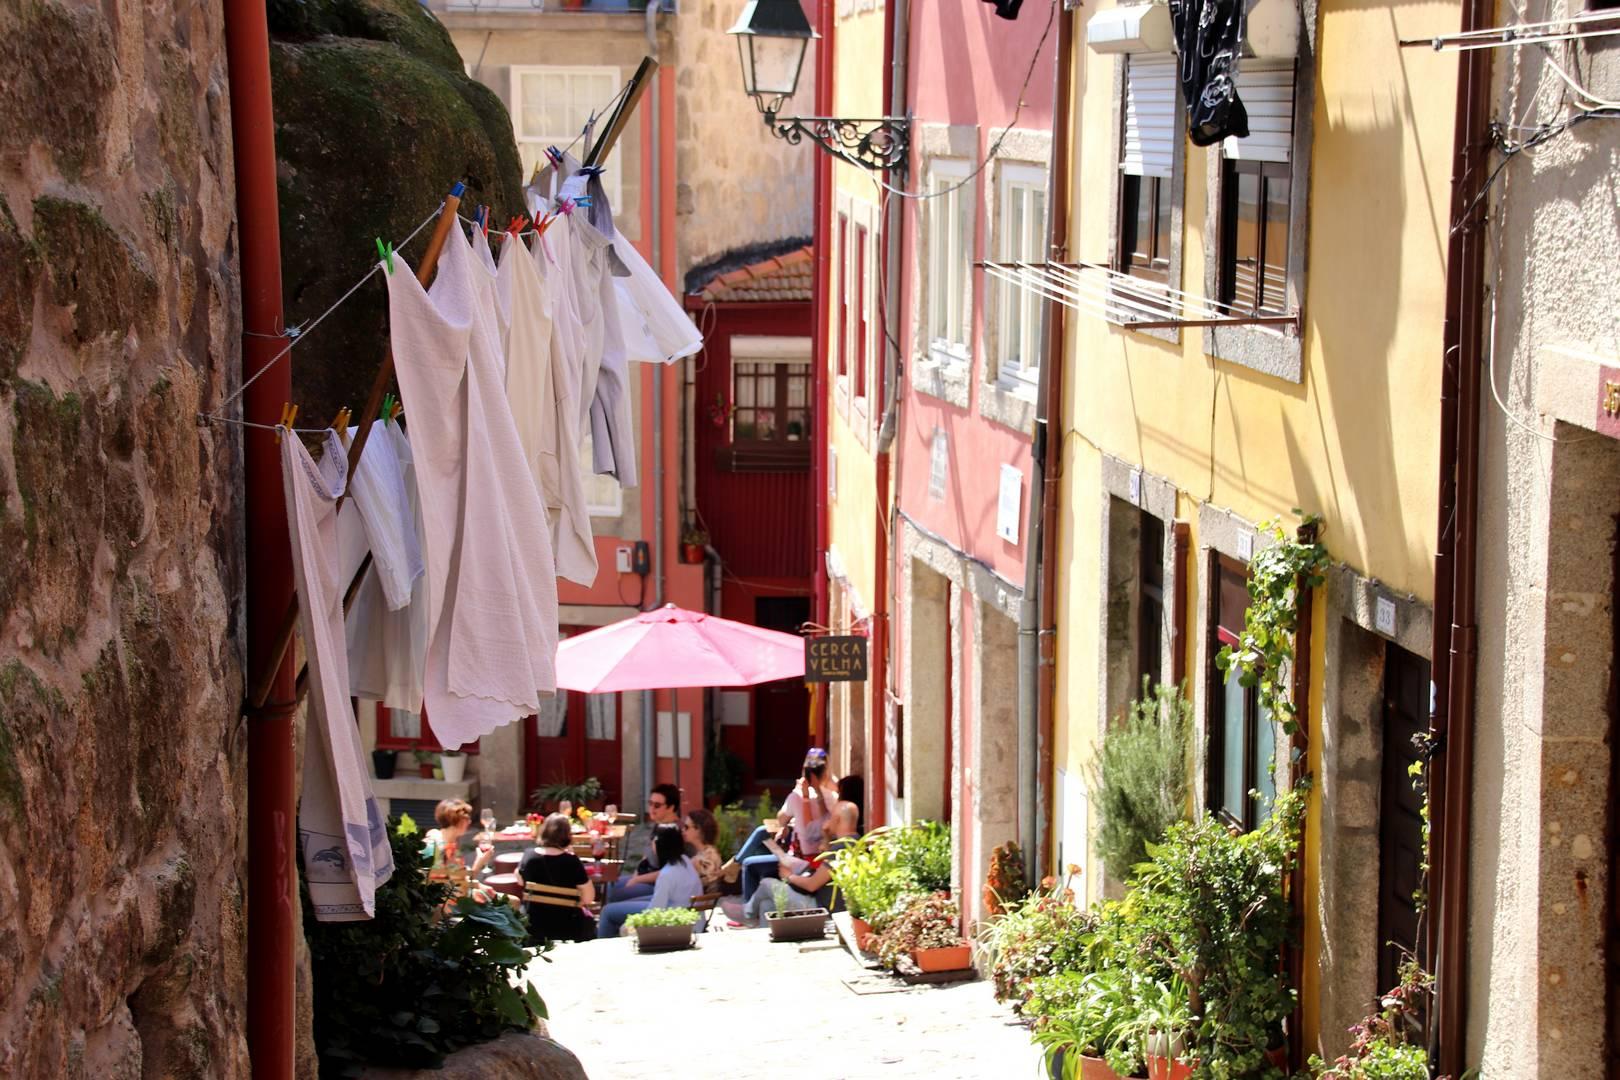 Portugal - Linge qui sèche et maisons colorées à Porto